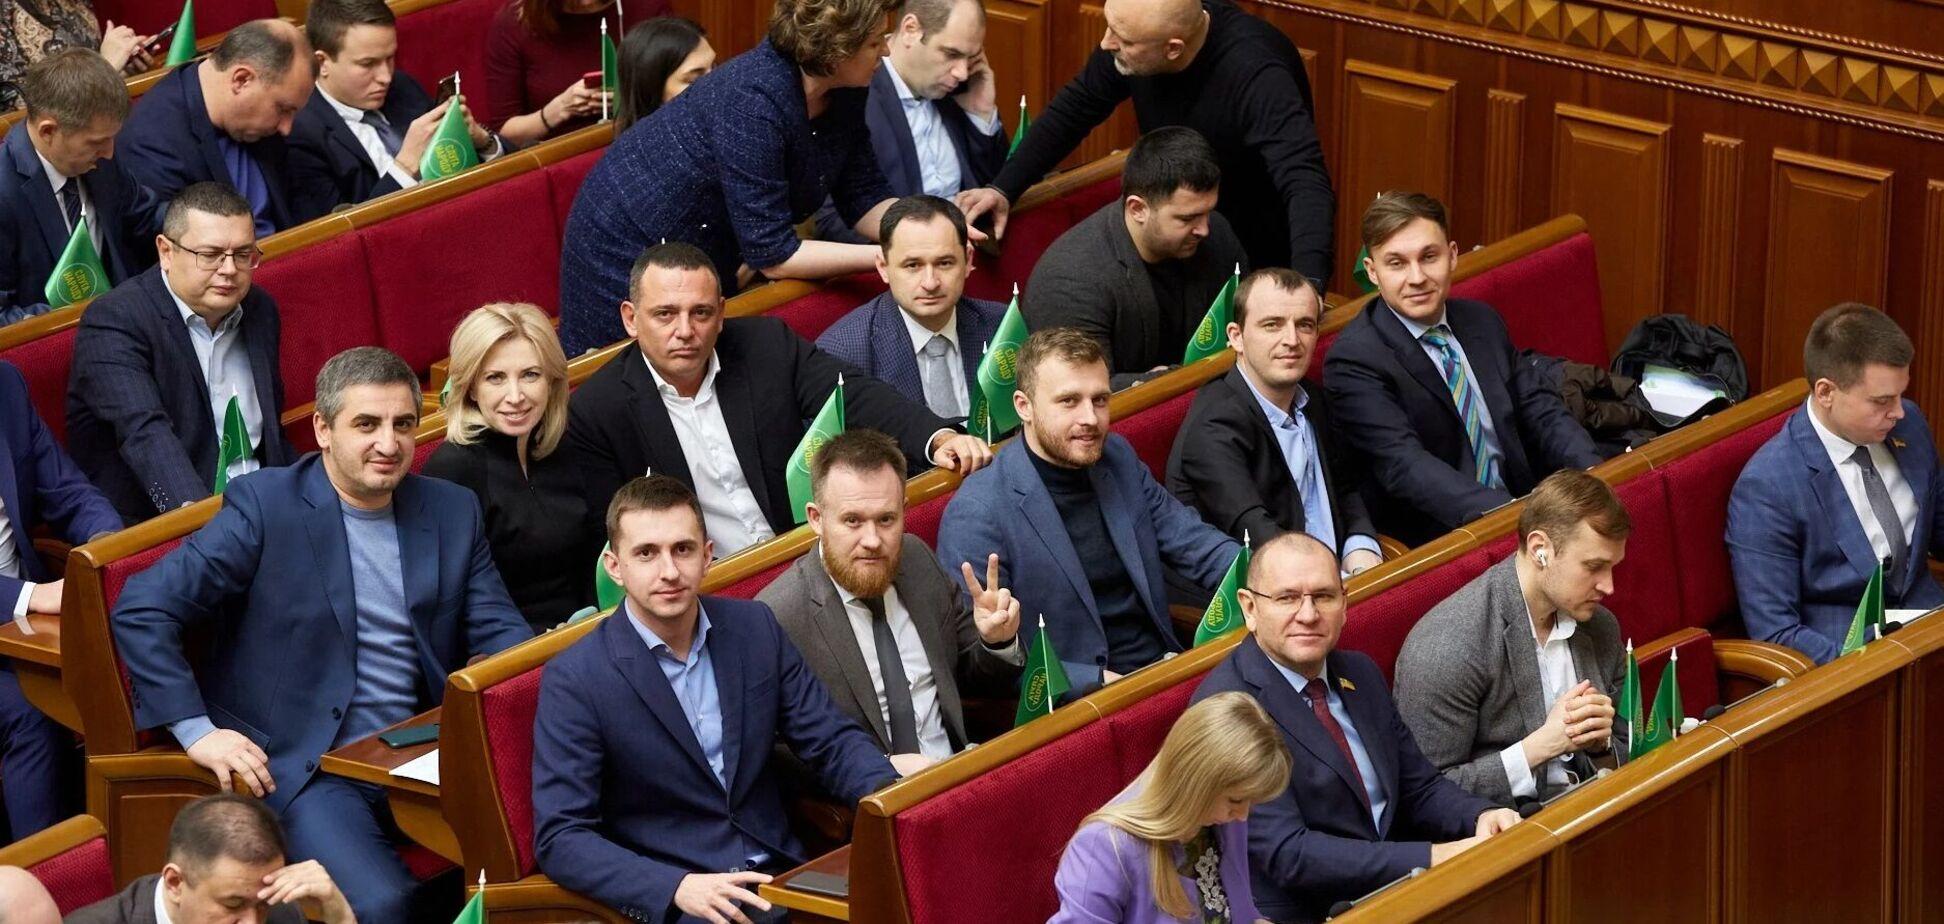 Временщики. За что украинцам любить 'слуг народа'?